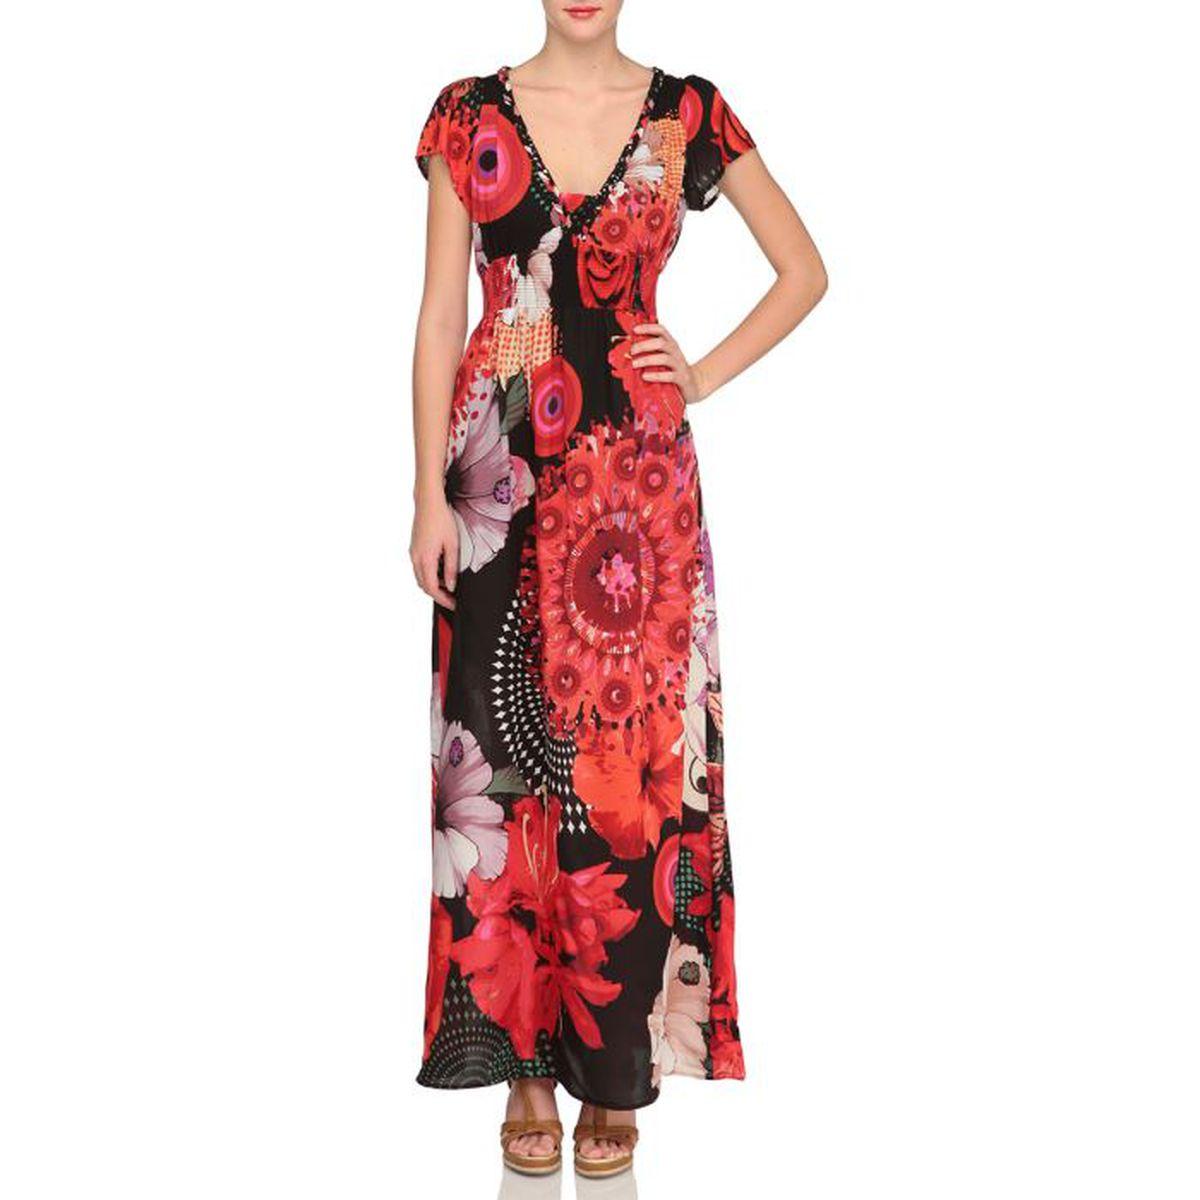 ROBE DESIGUAL Robe Elgic Femme